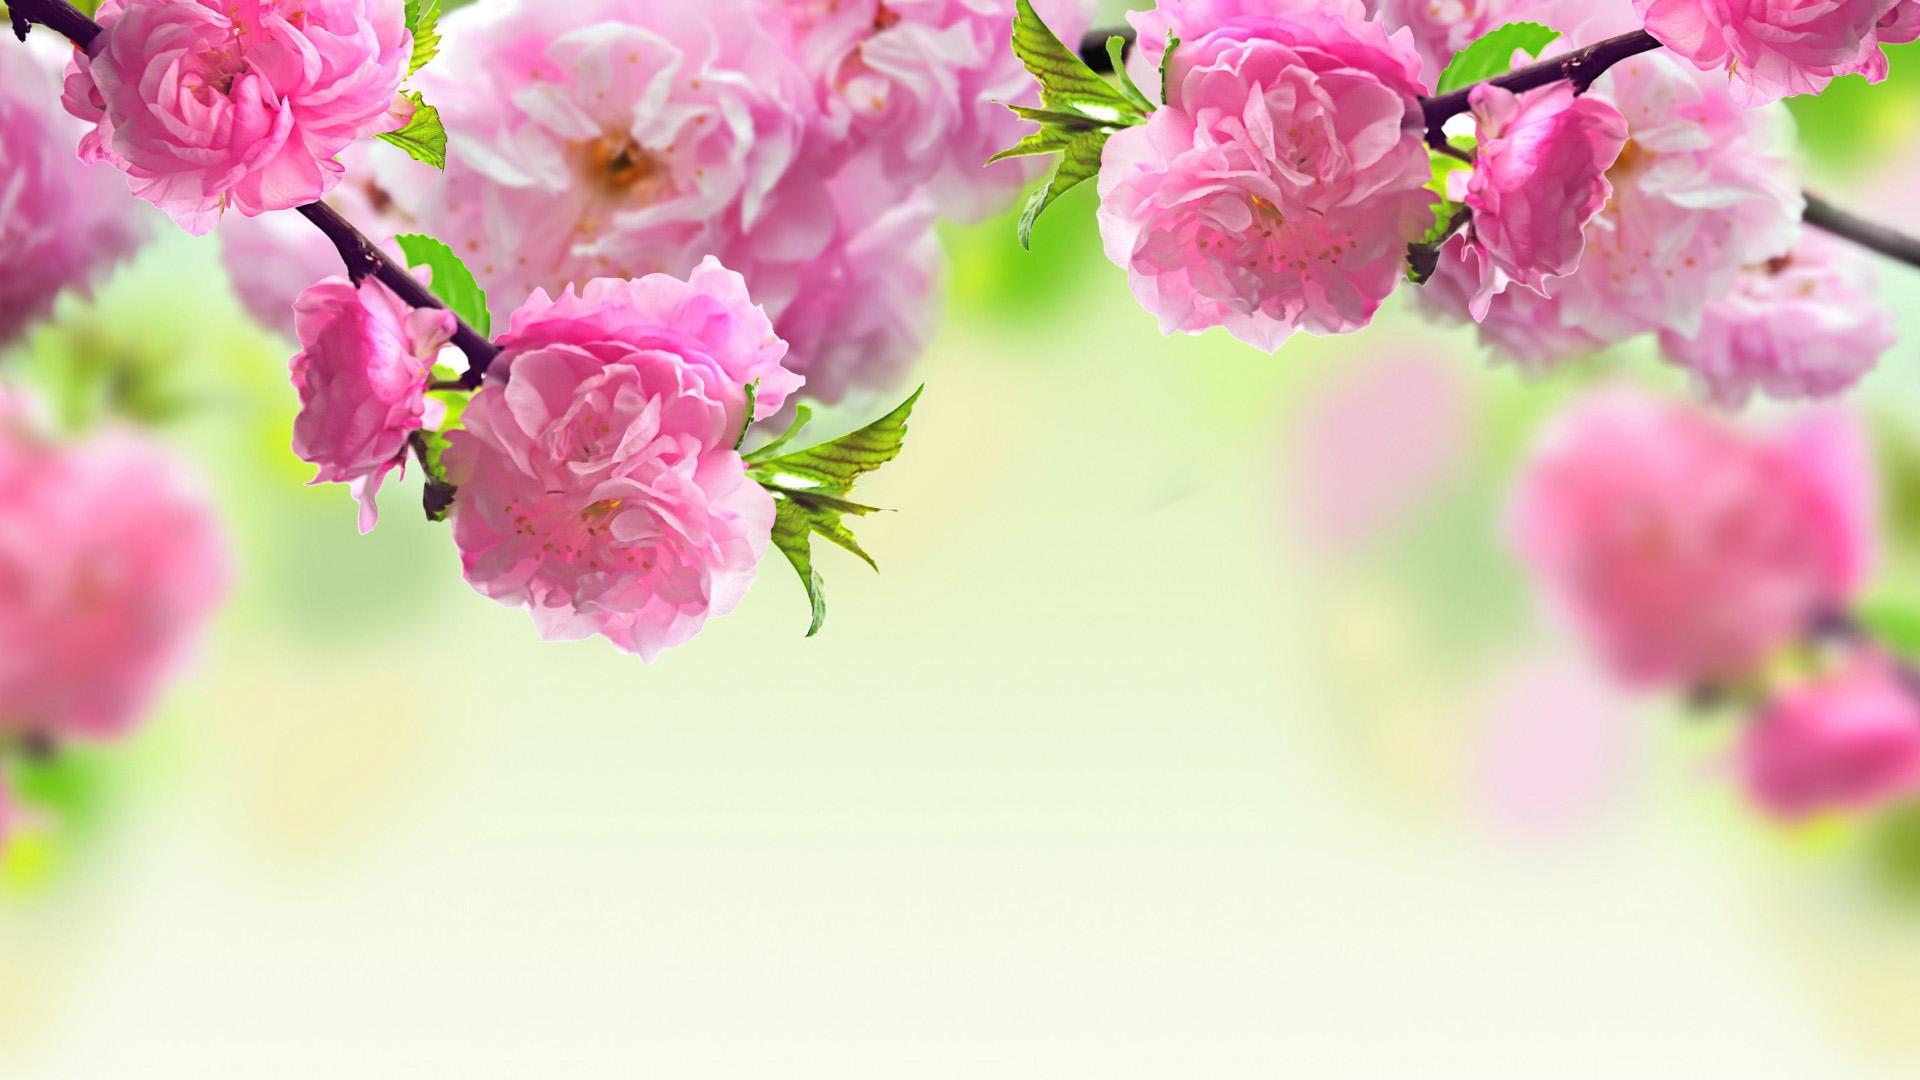 flower wallpapers desktop wallpaper spring flower widescreen 1920x1080